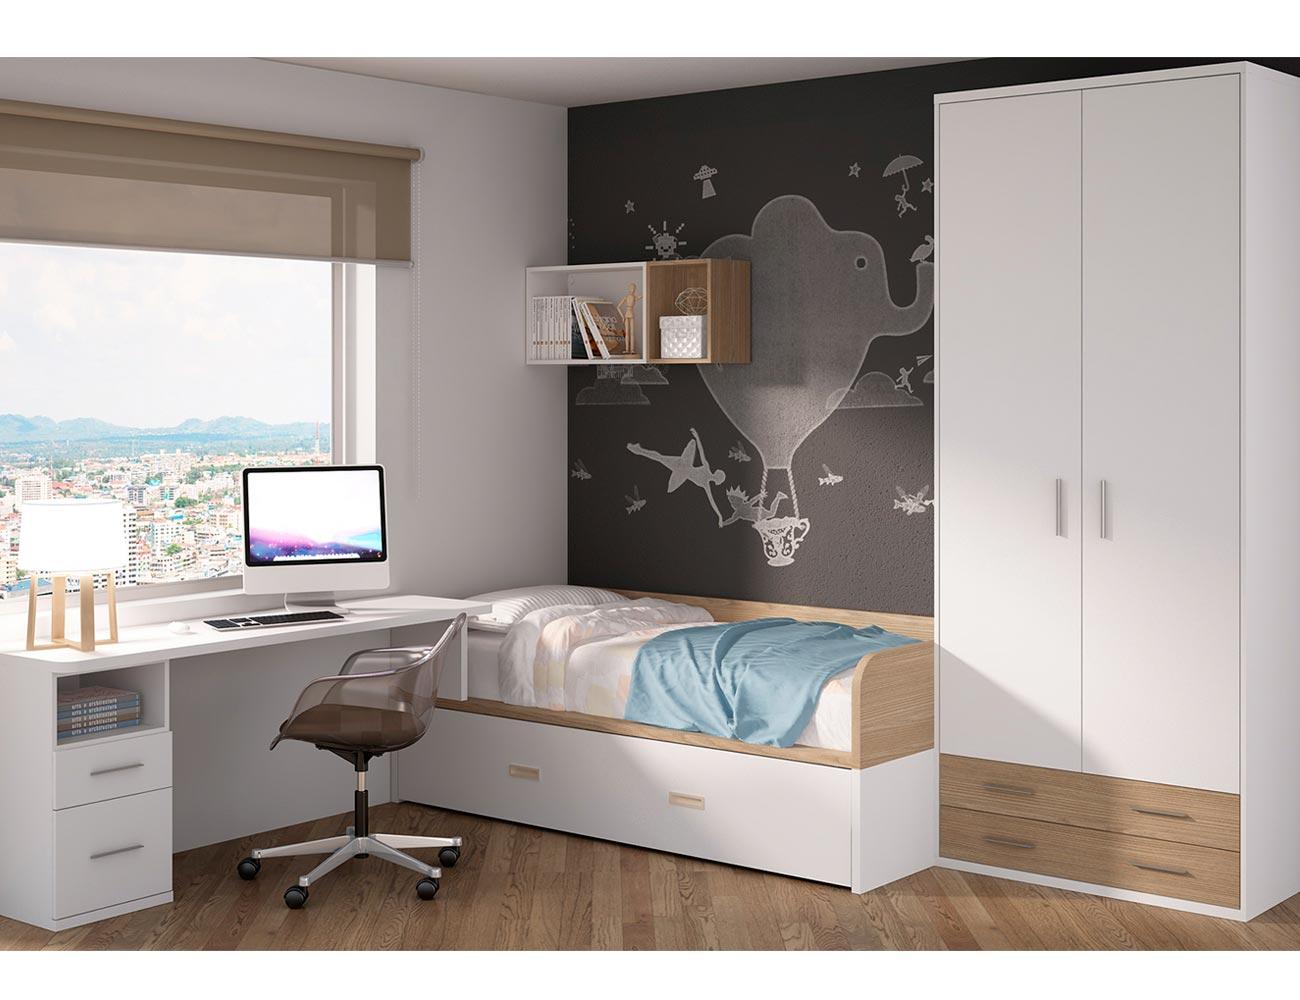 Dormitorio juvenil con cama nido base 30 con arrastre for Cama nido dormitorio juvenil